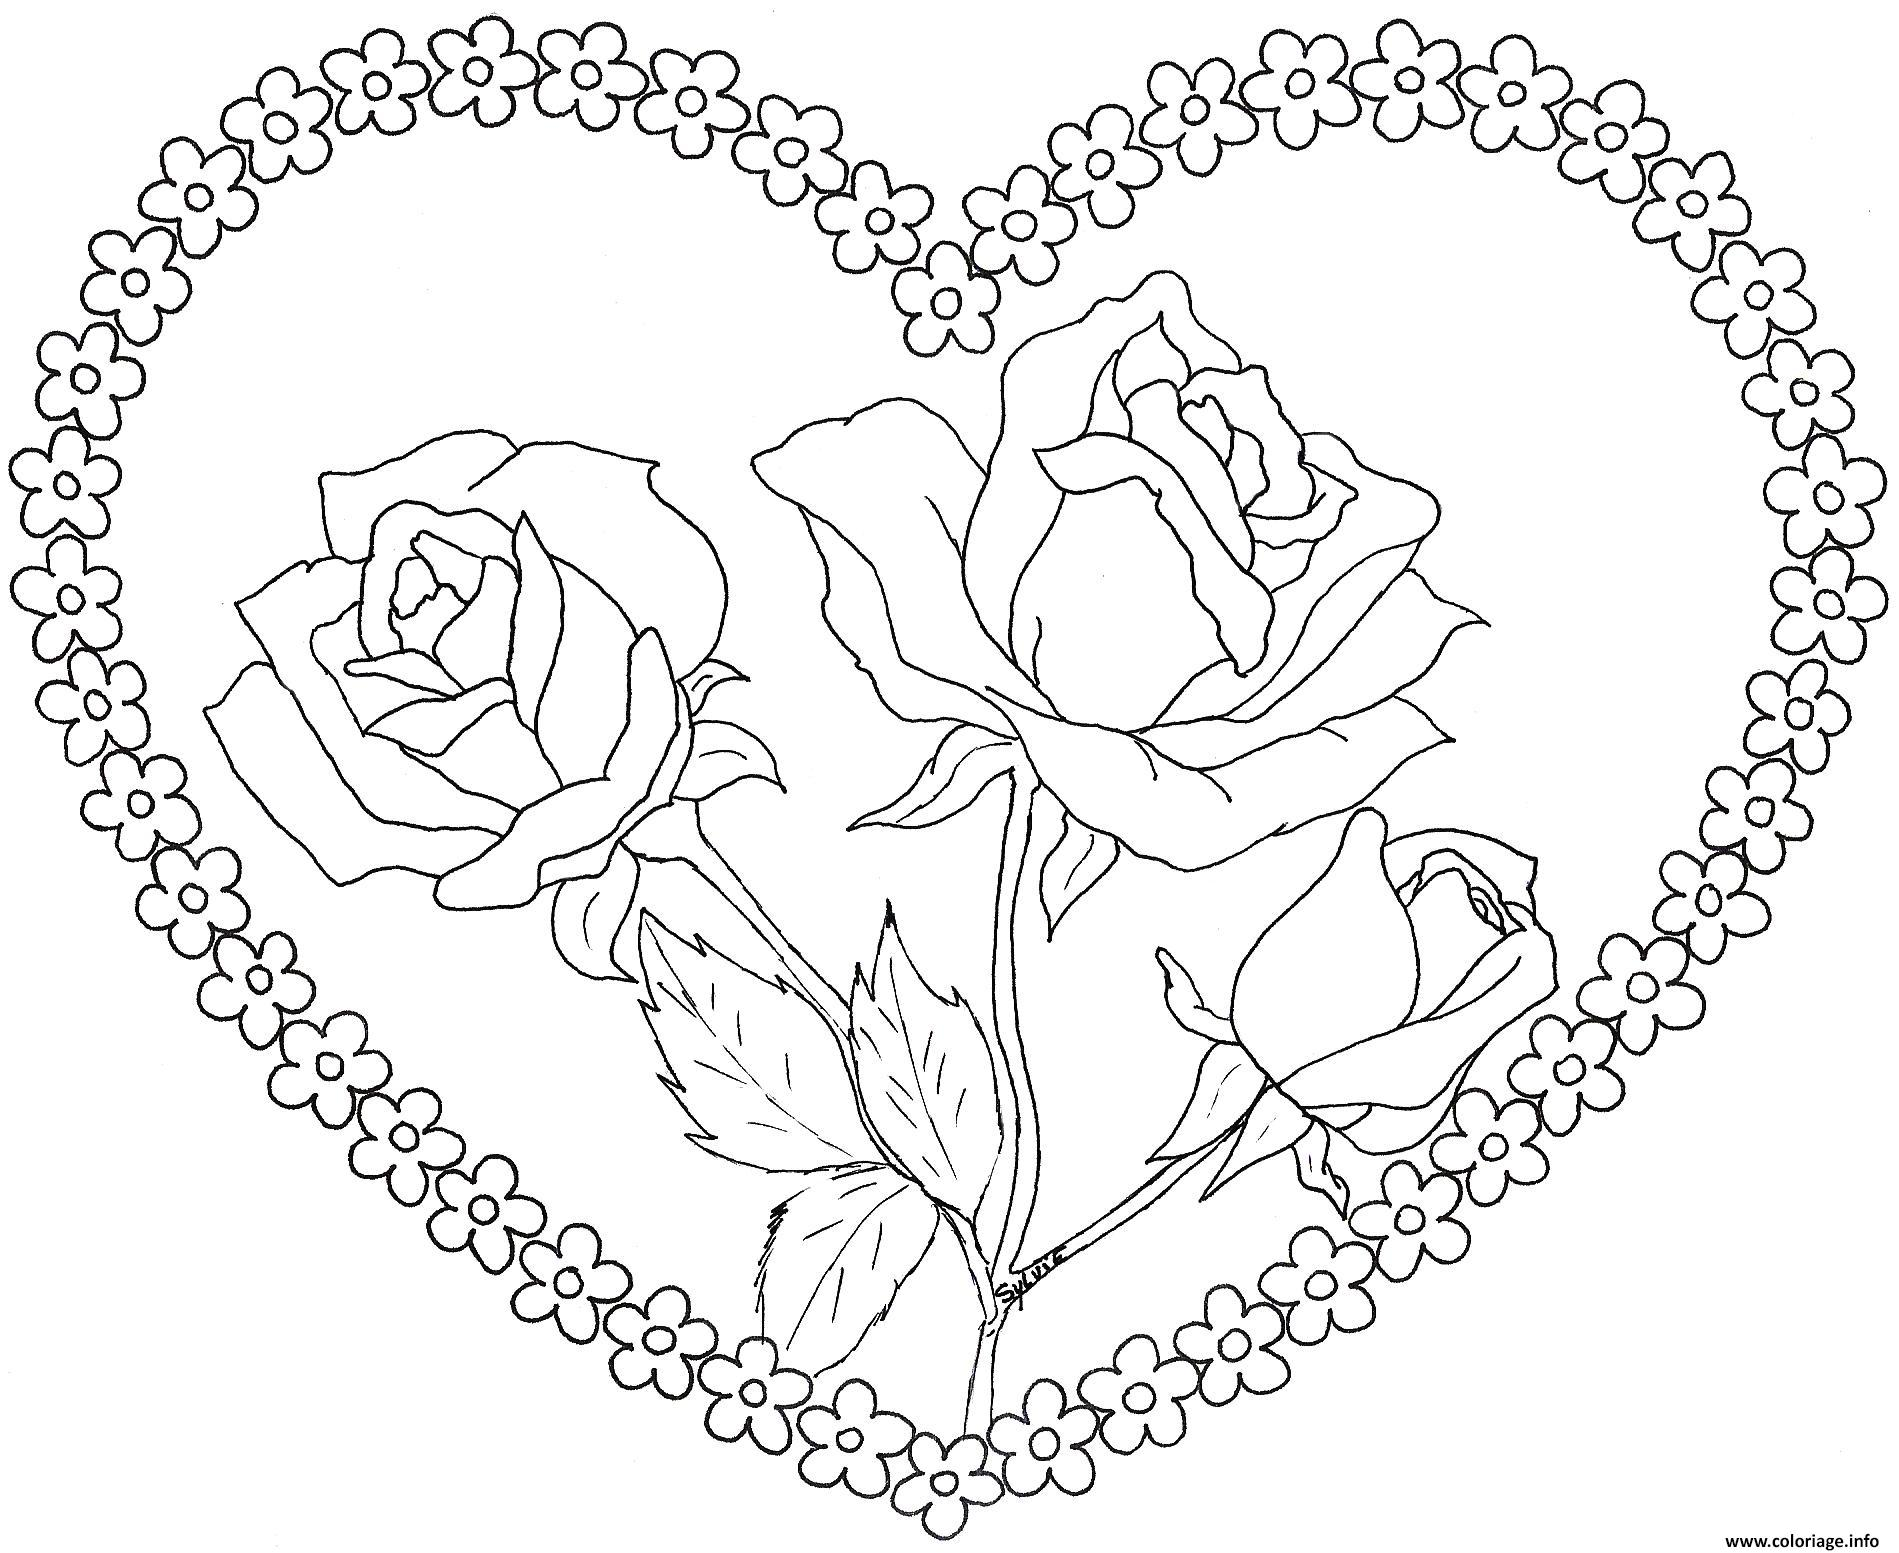 Coloriage bouquet de fleurs en forme de coeur - Coloriage fleur a imprimer ...